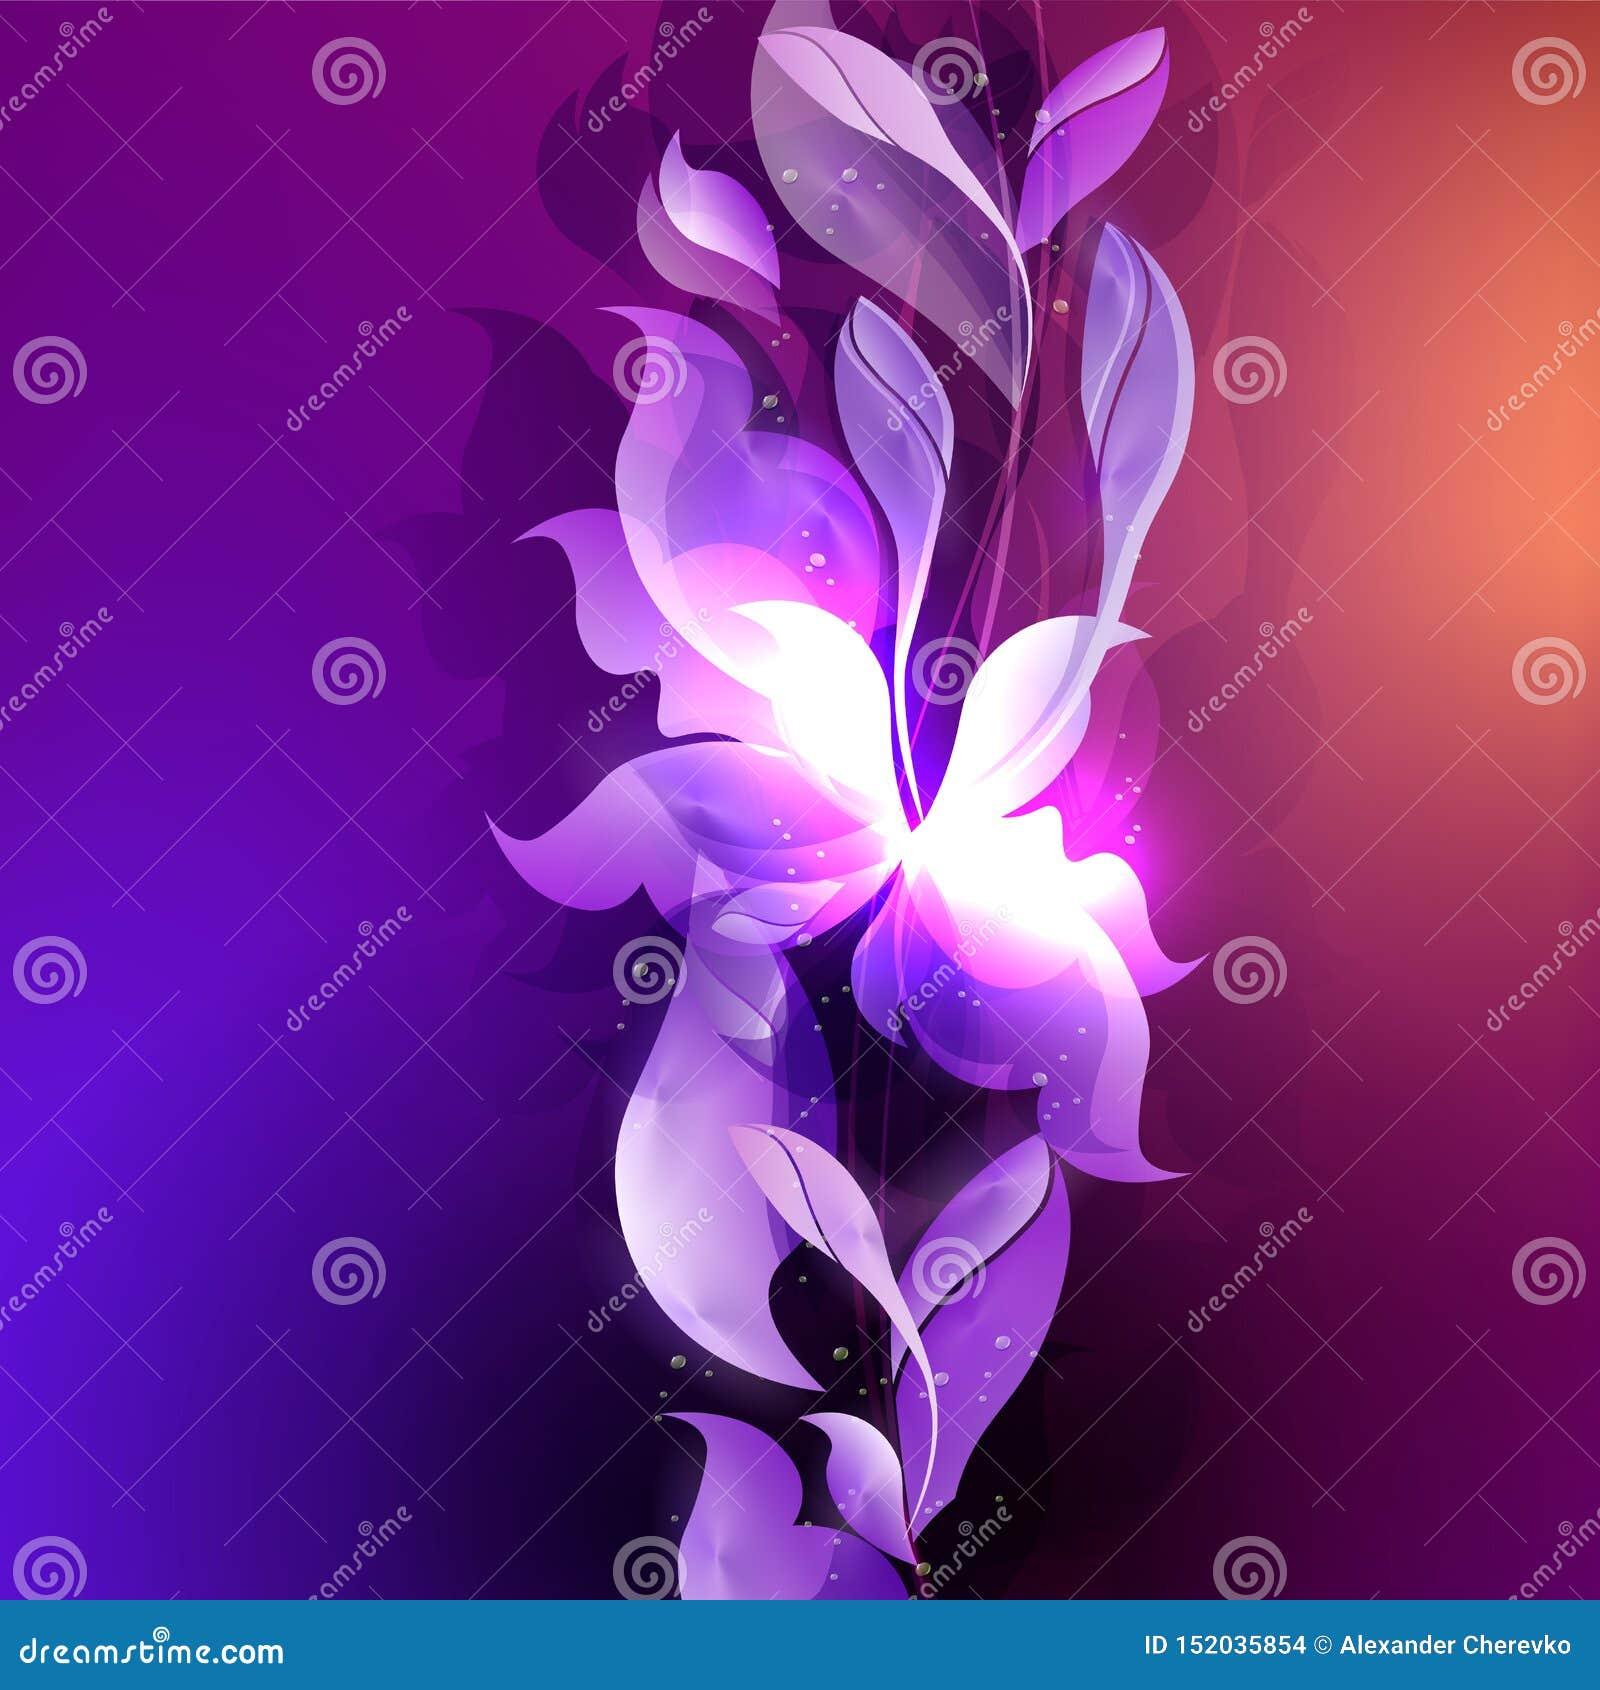 Темно-синий с пурпурной предпосылкой с абстрактными силуэтами лист и цветка